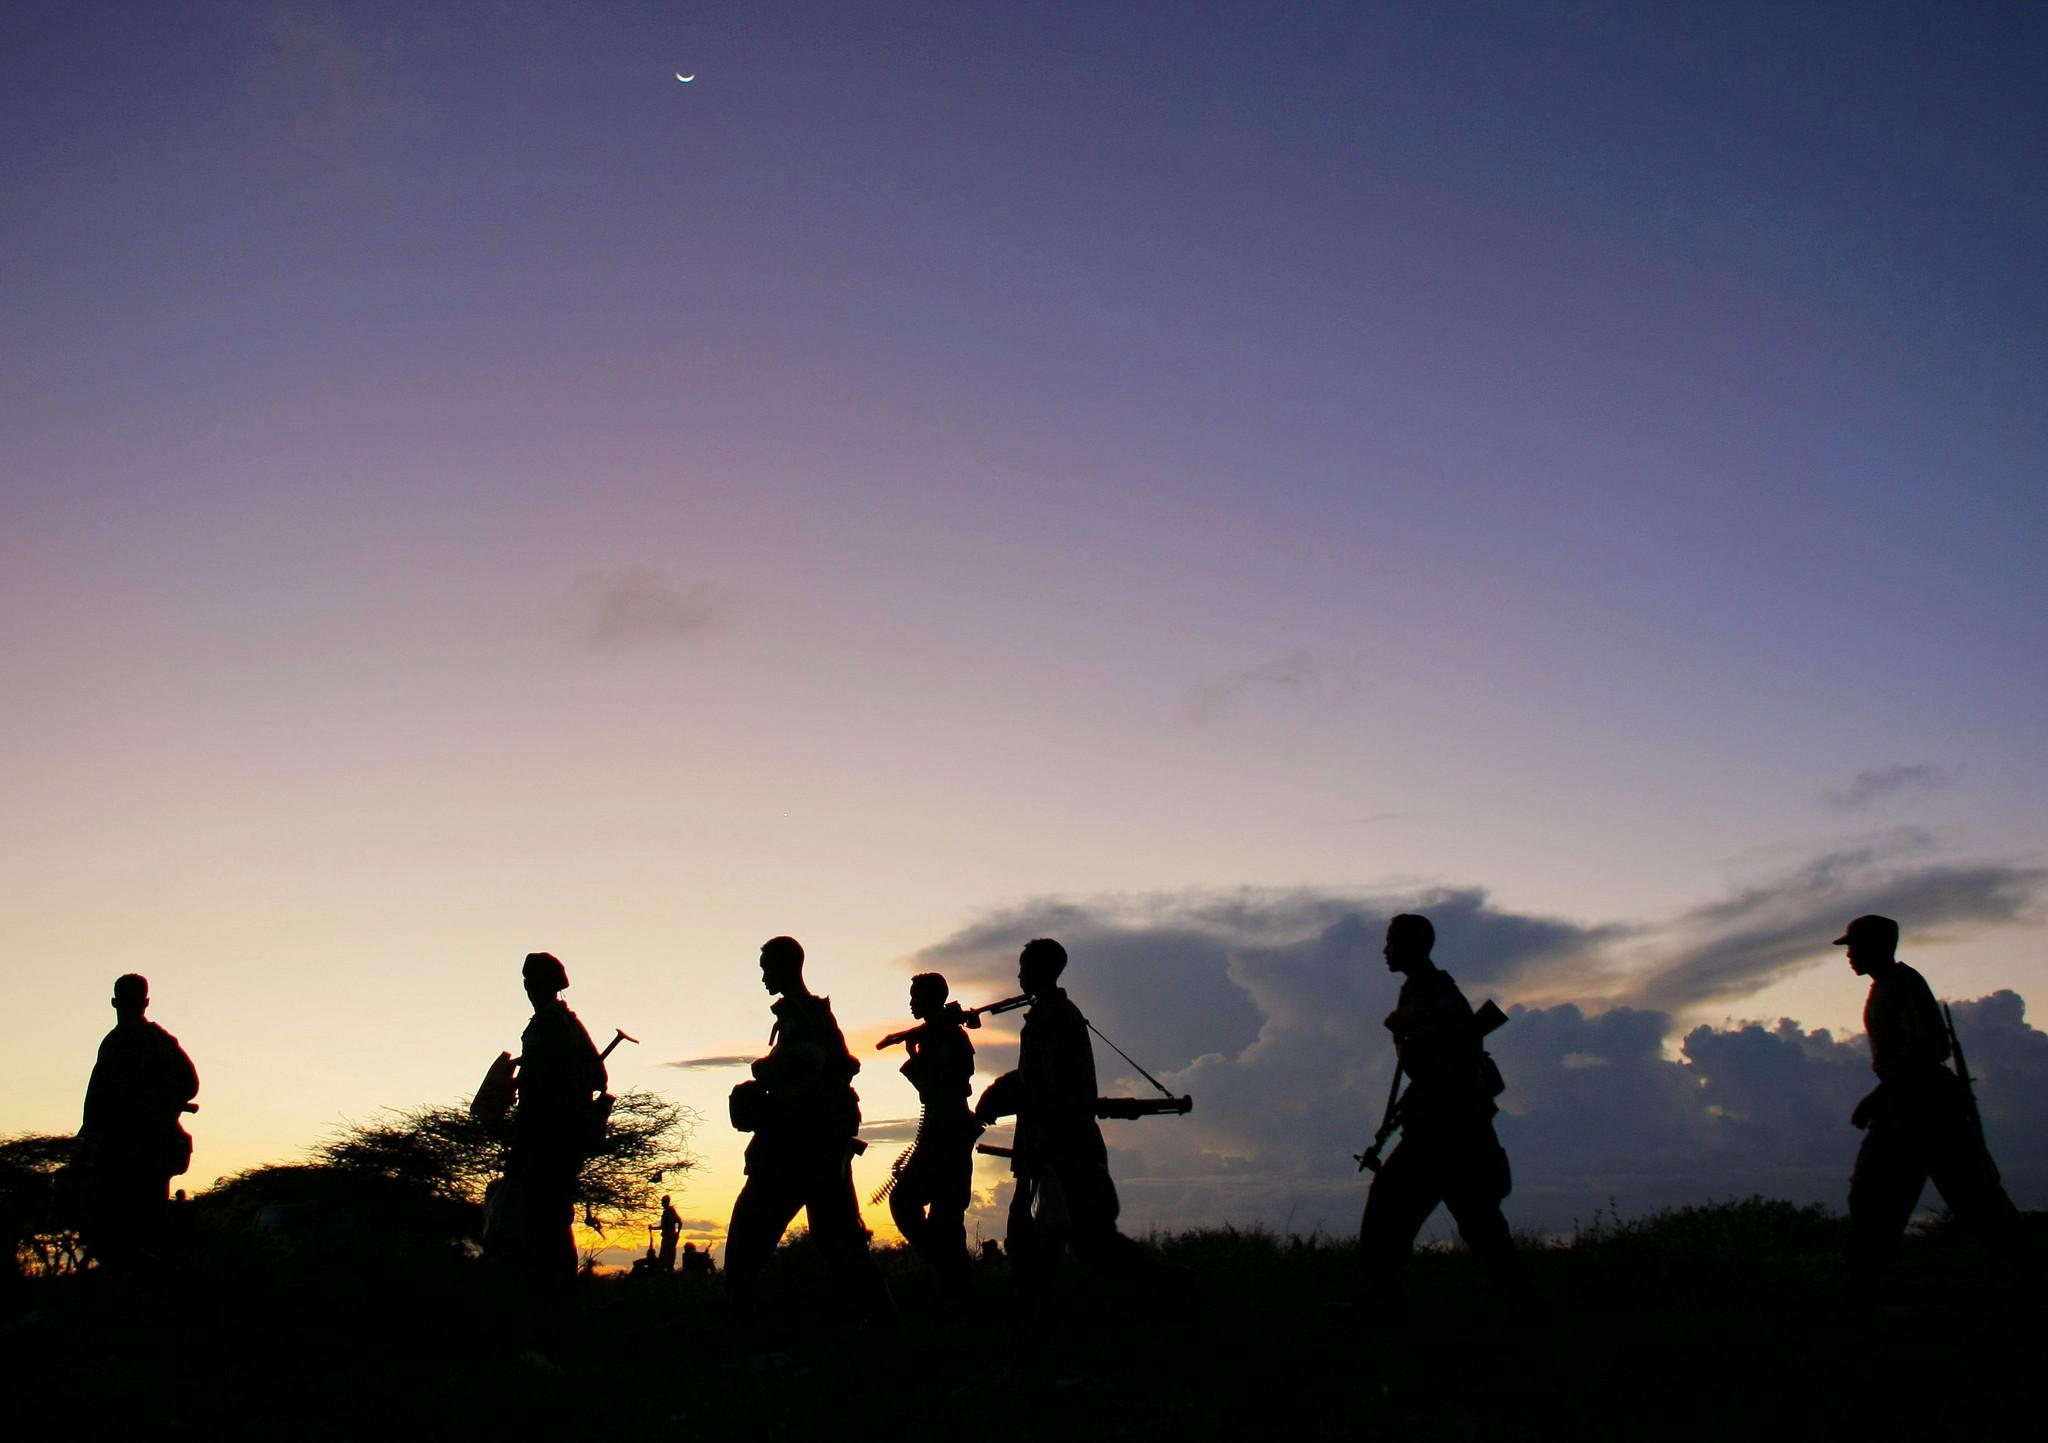 Aseellisia ryhmiä vilisevässä Somaliassa turvallisuus nielee rahaa.